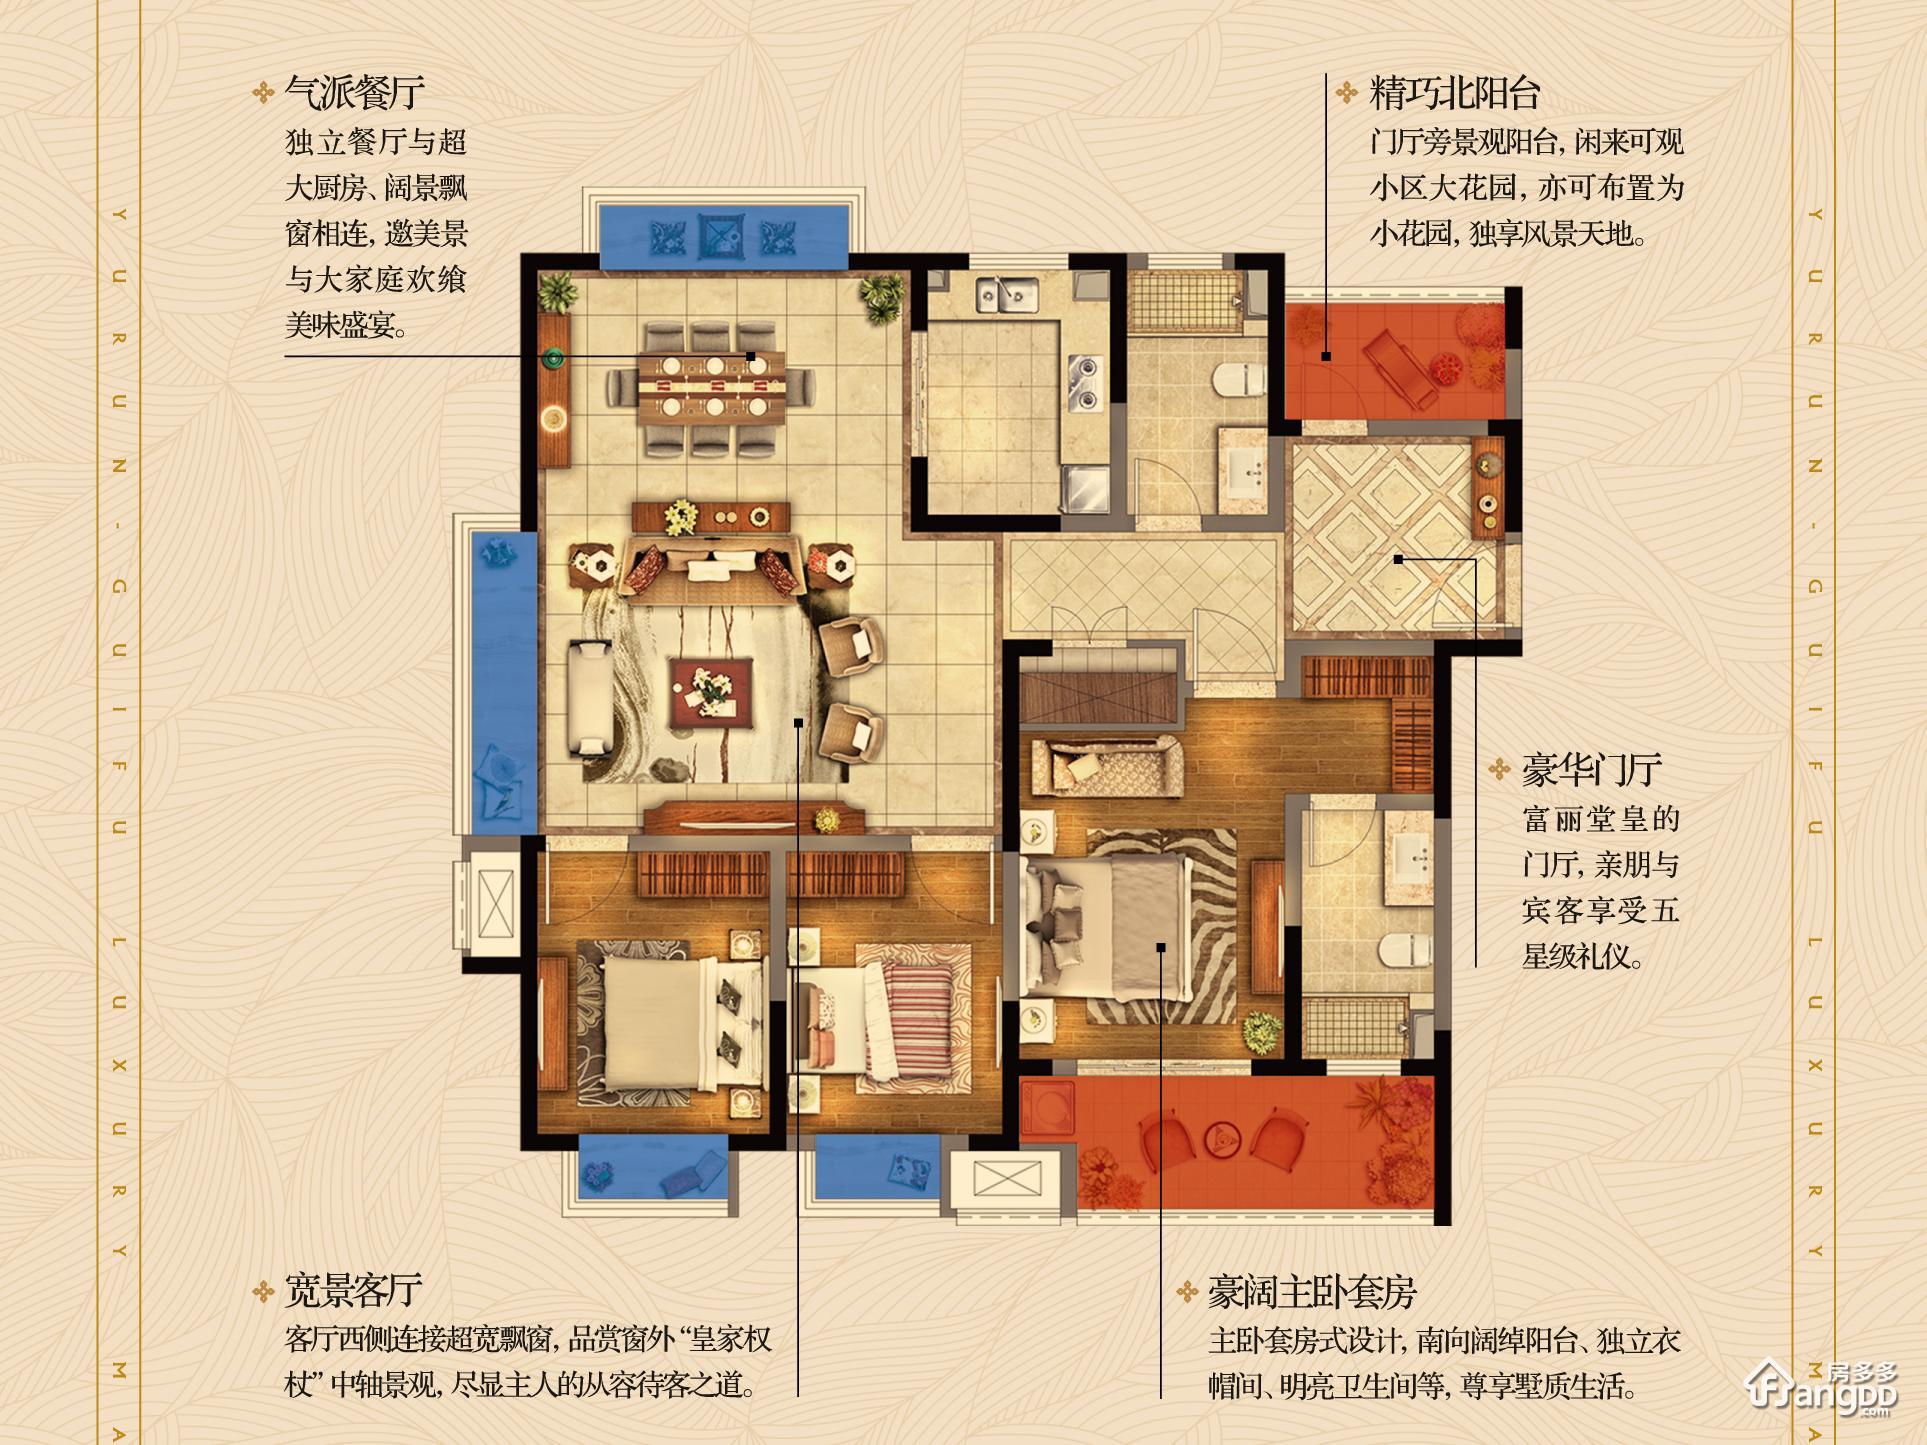 佳源桂府3室2厅2卫户型图